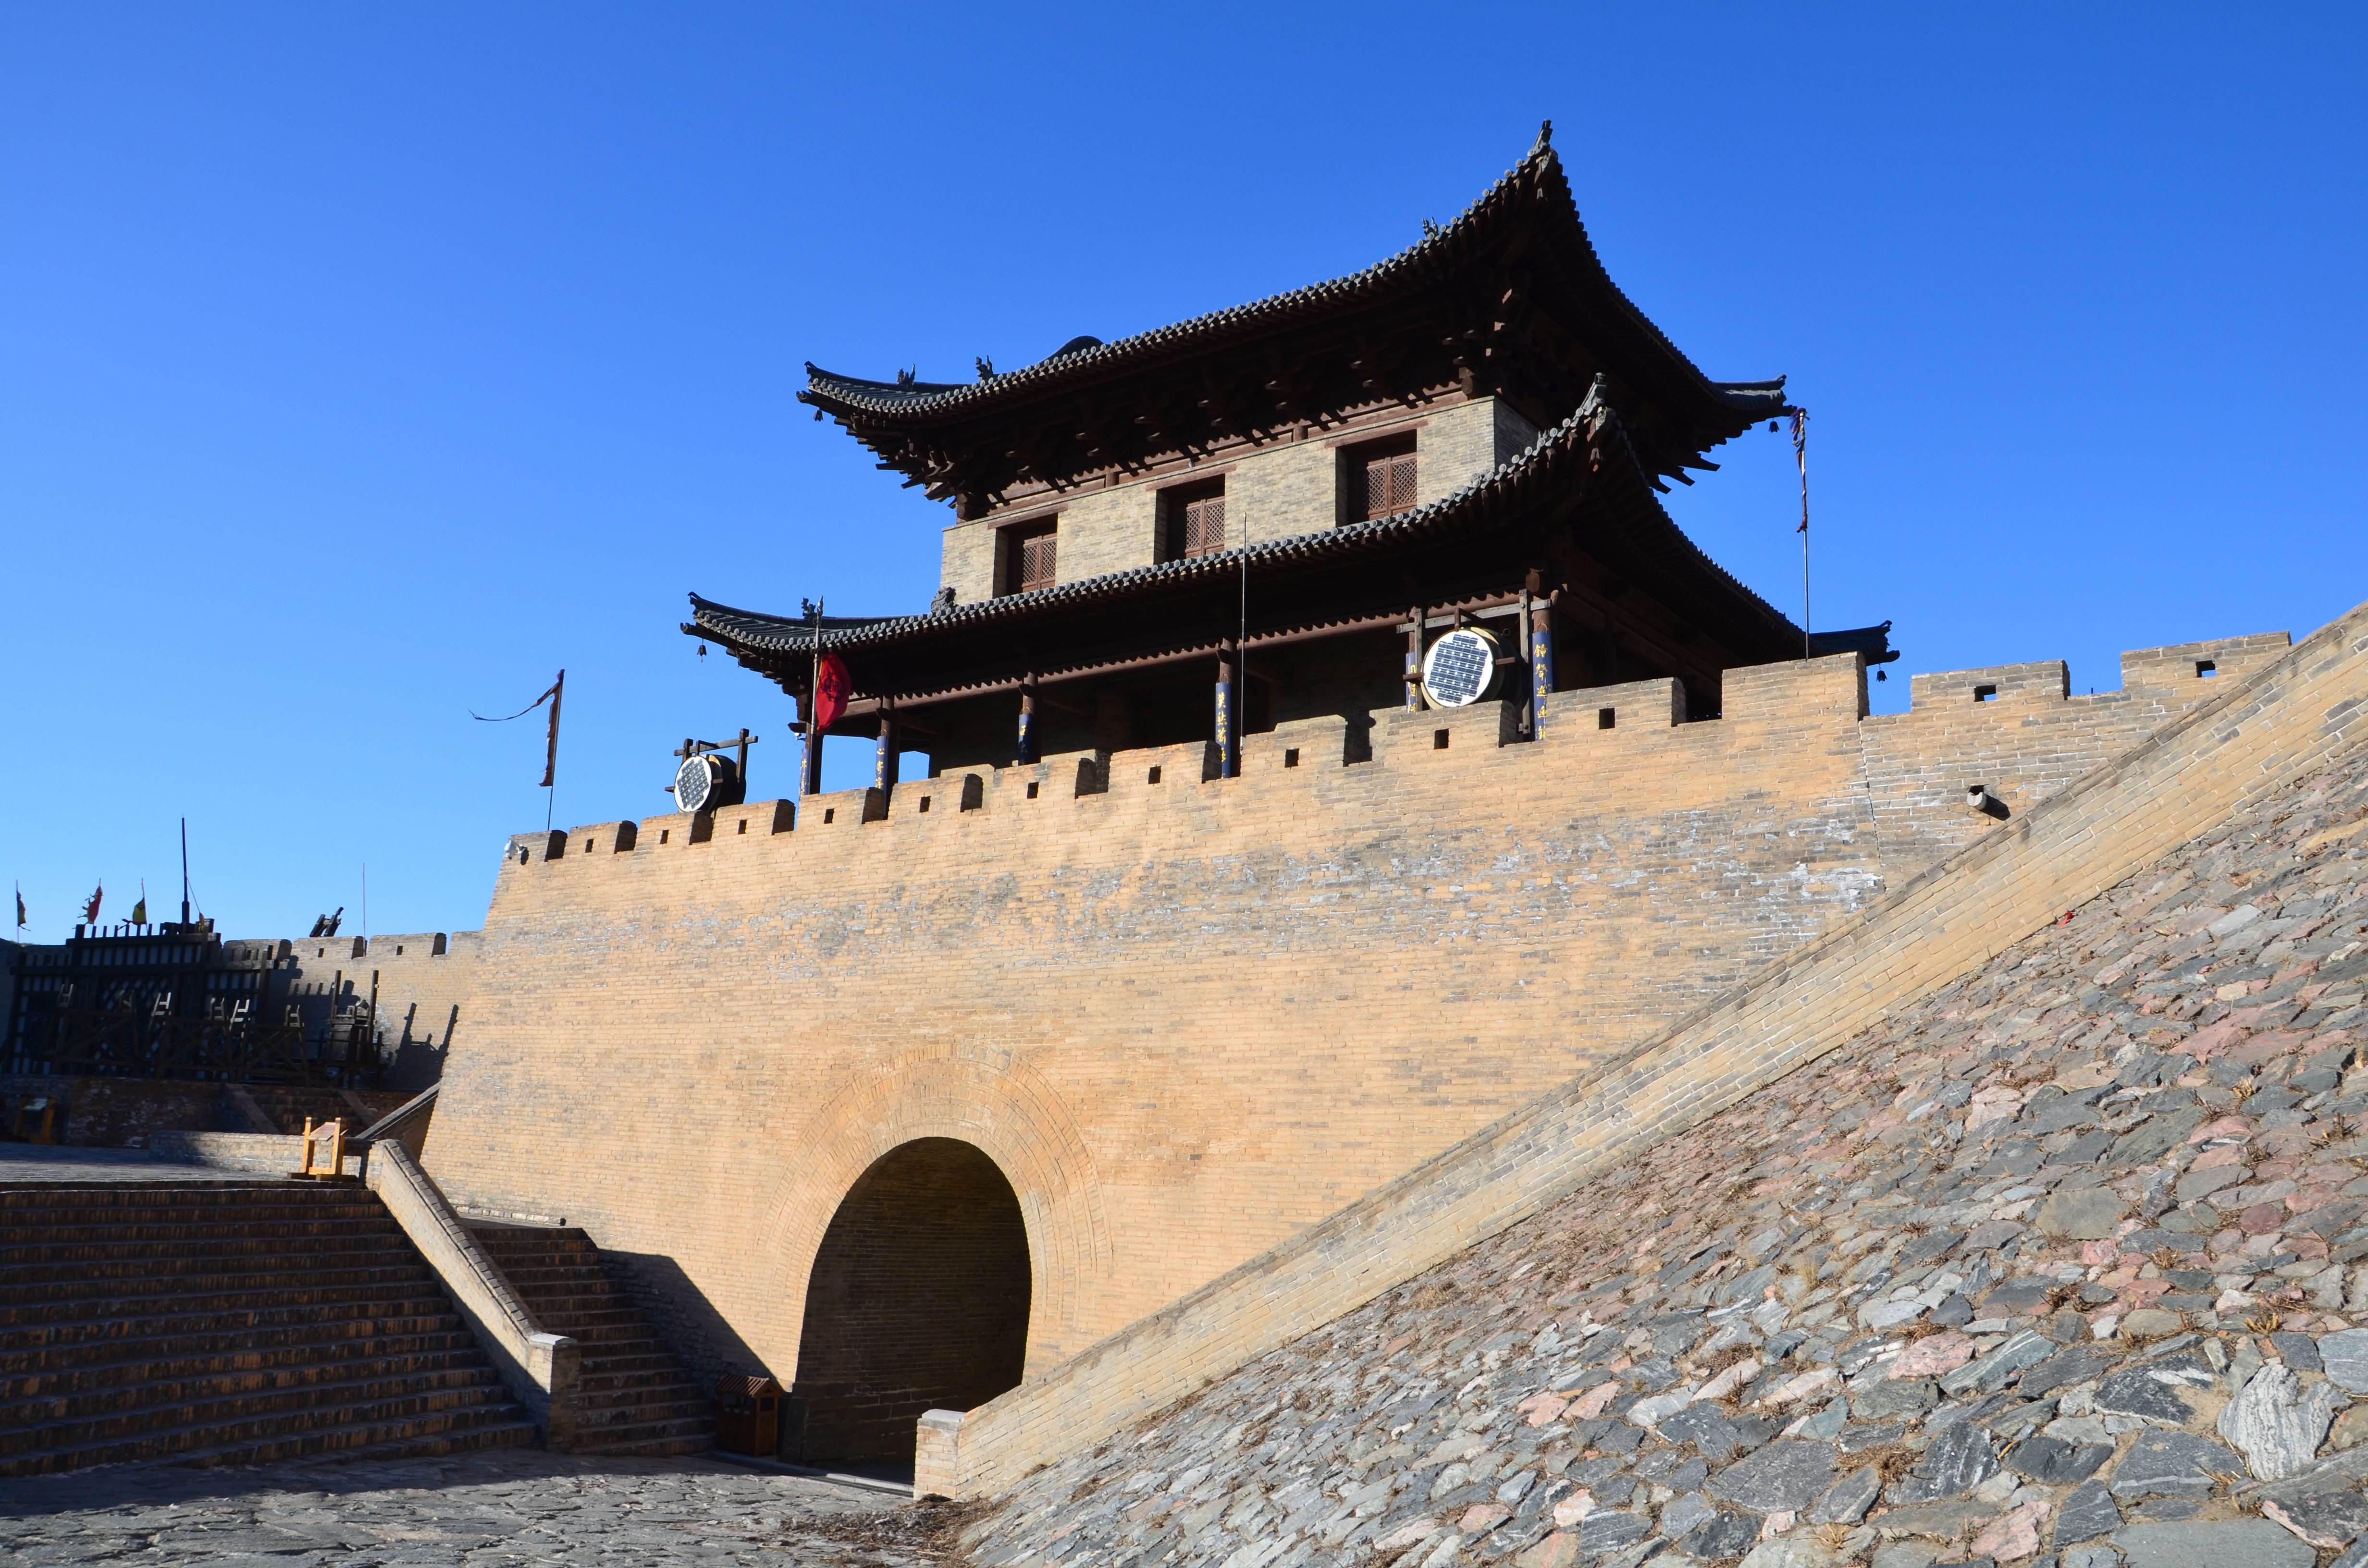 忻州县城gdp_山西最危险城市,经济不如忻州面积没太原大,未来可能被降级